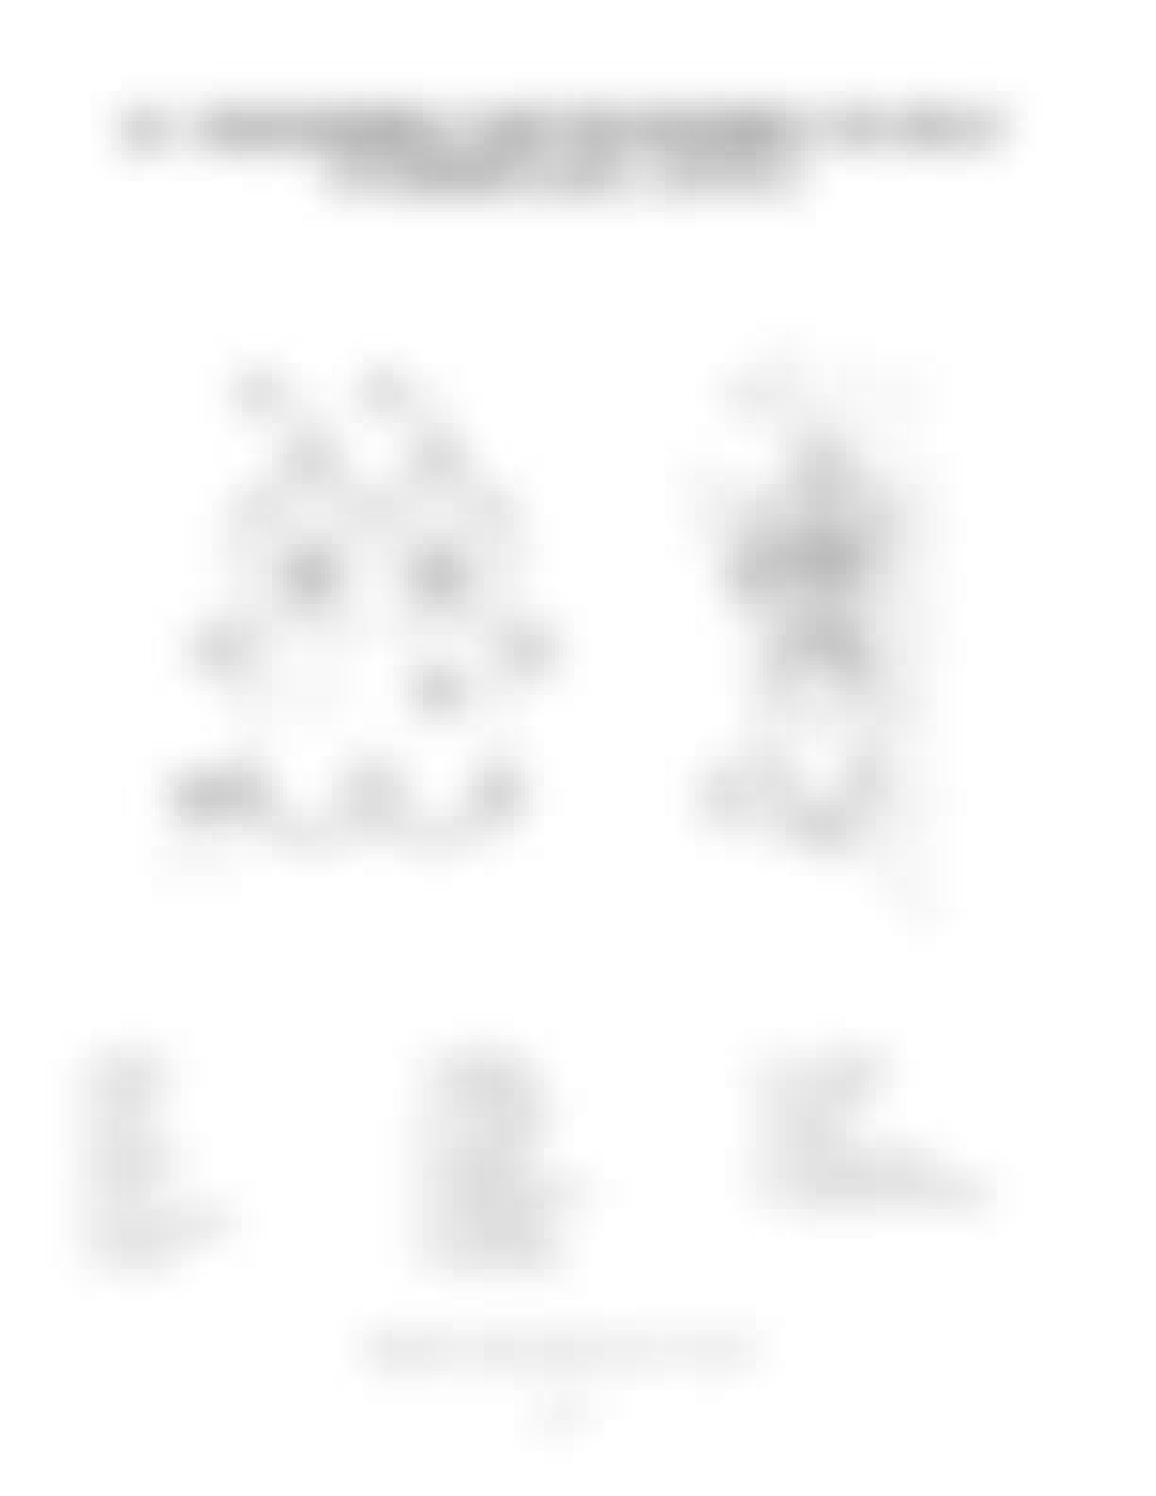 Hitachi LX110-7 LX130-7 LX160-7 LX190-7 LX230-7 Wheel Loader Workshop Manual - PDF DOWNLOAD page 270